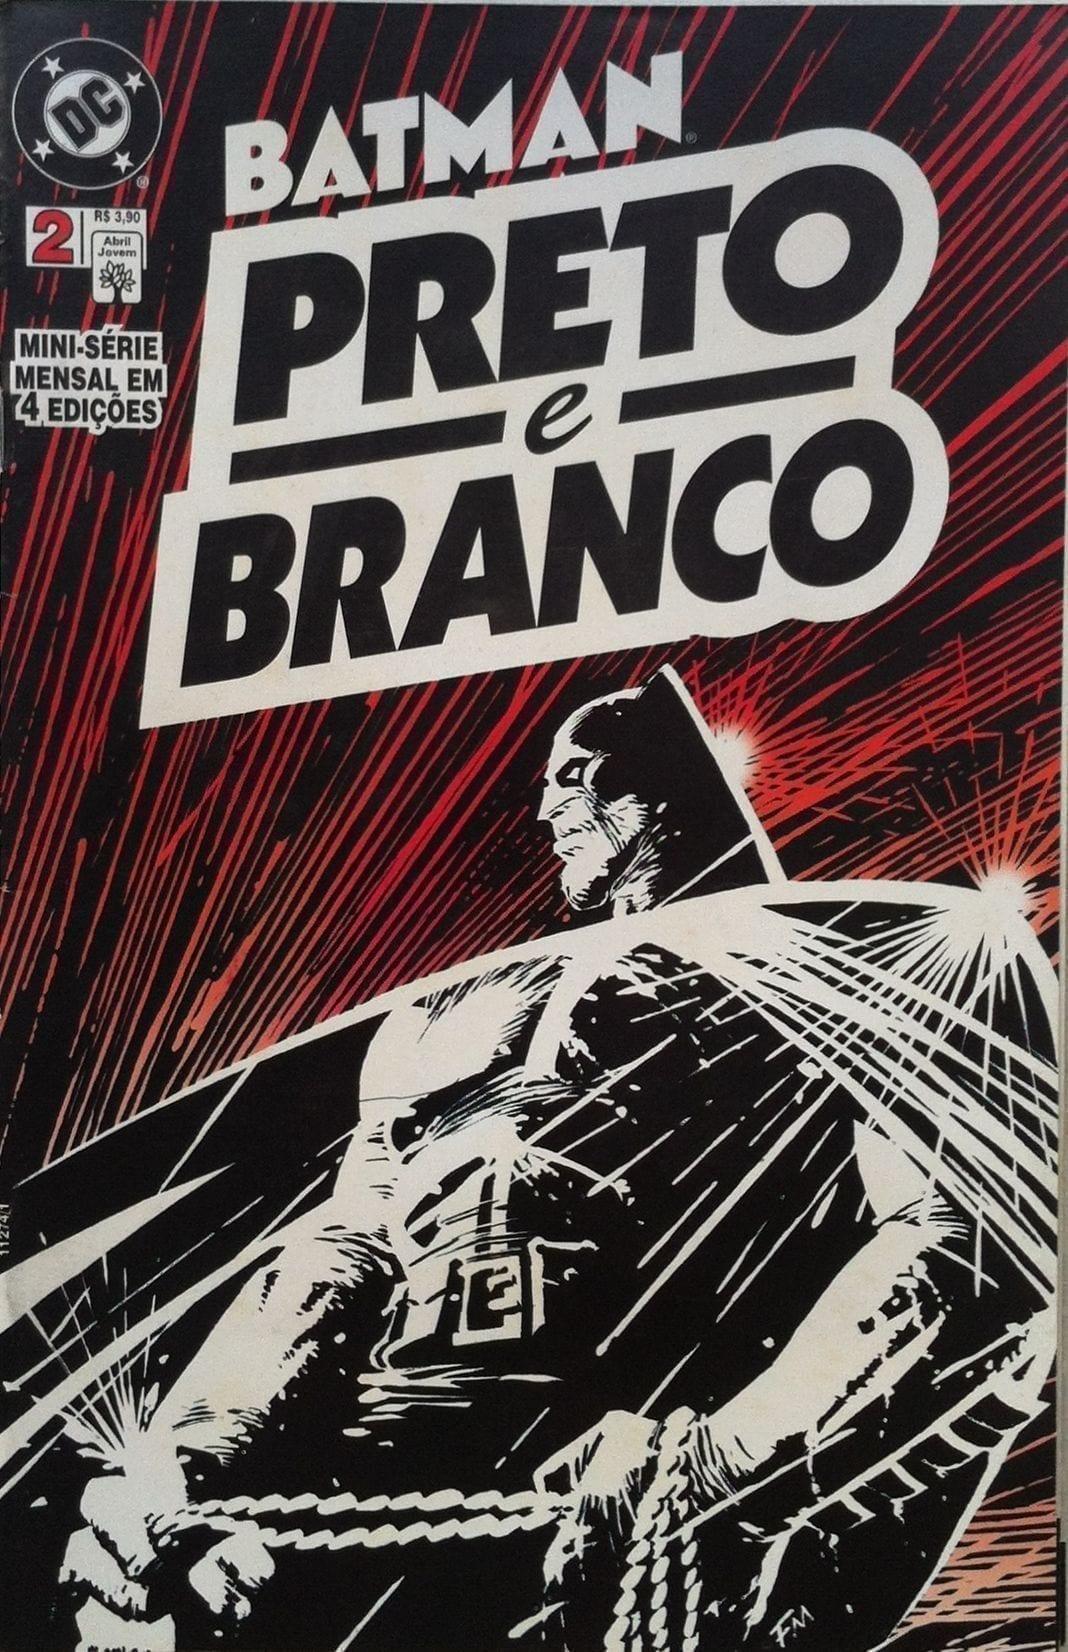 Capa: Batman - Preto e Branco 2